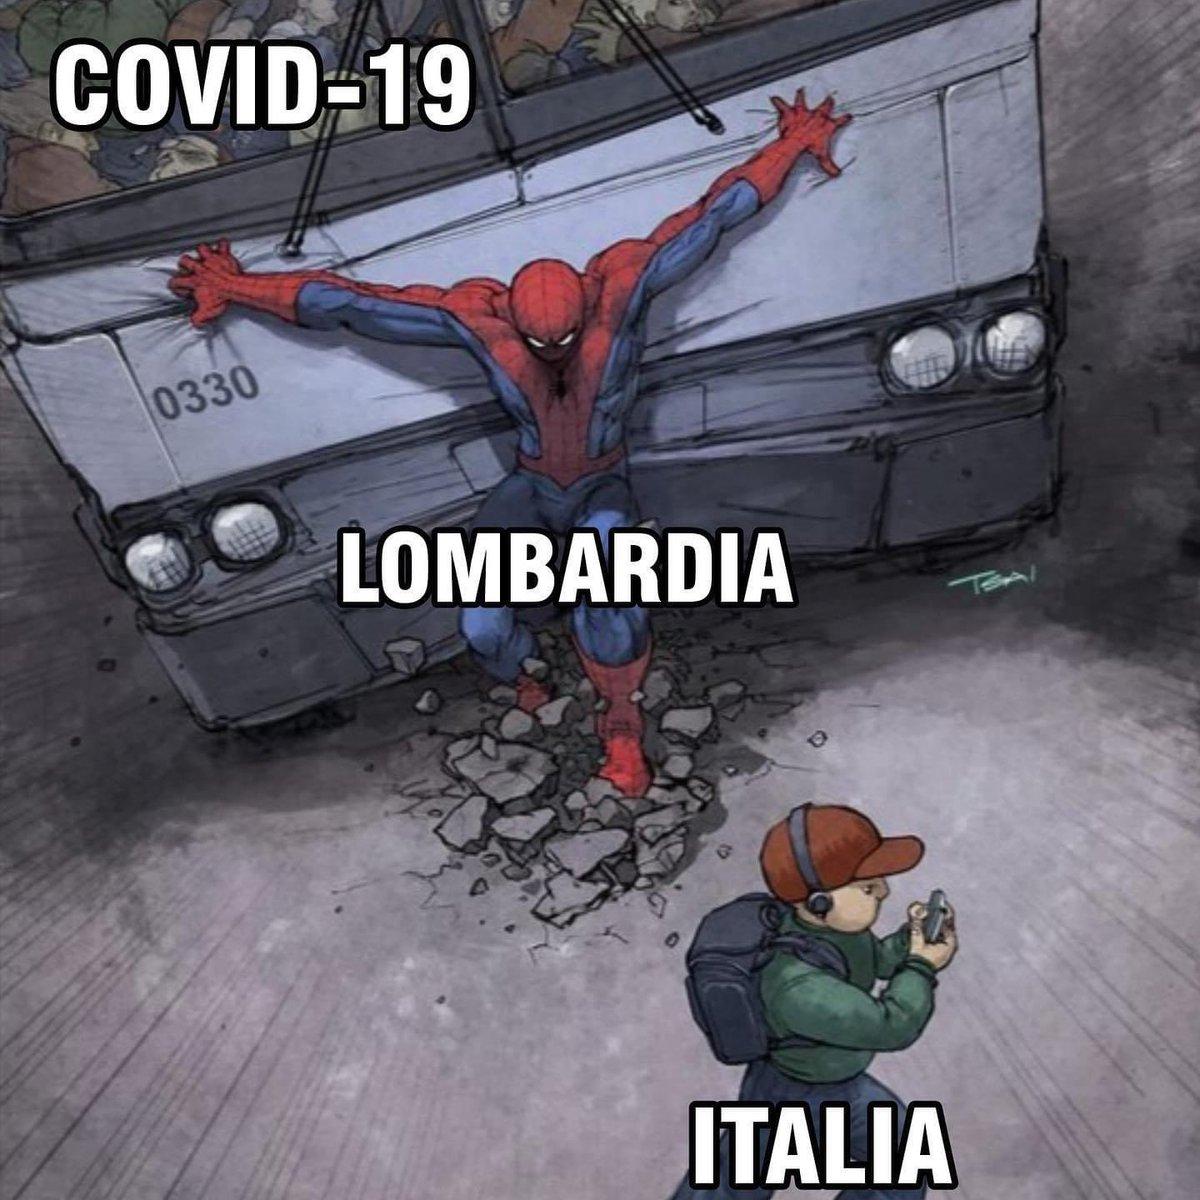 Più chiaro di così... #Covid #Lombardia #Italia